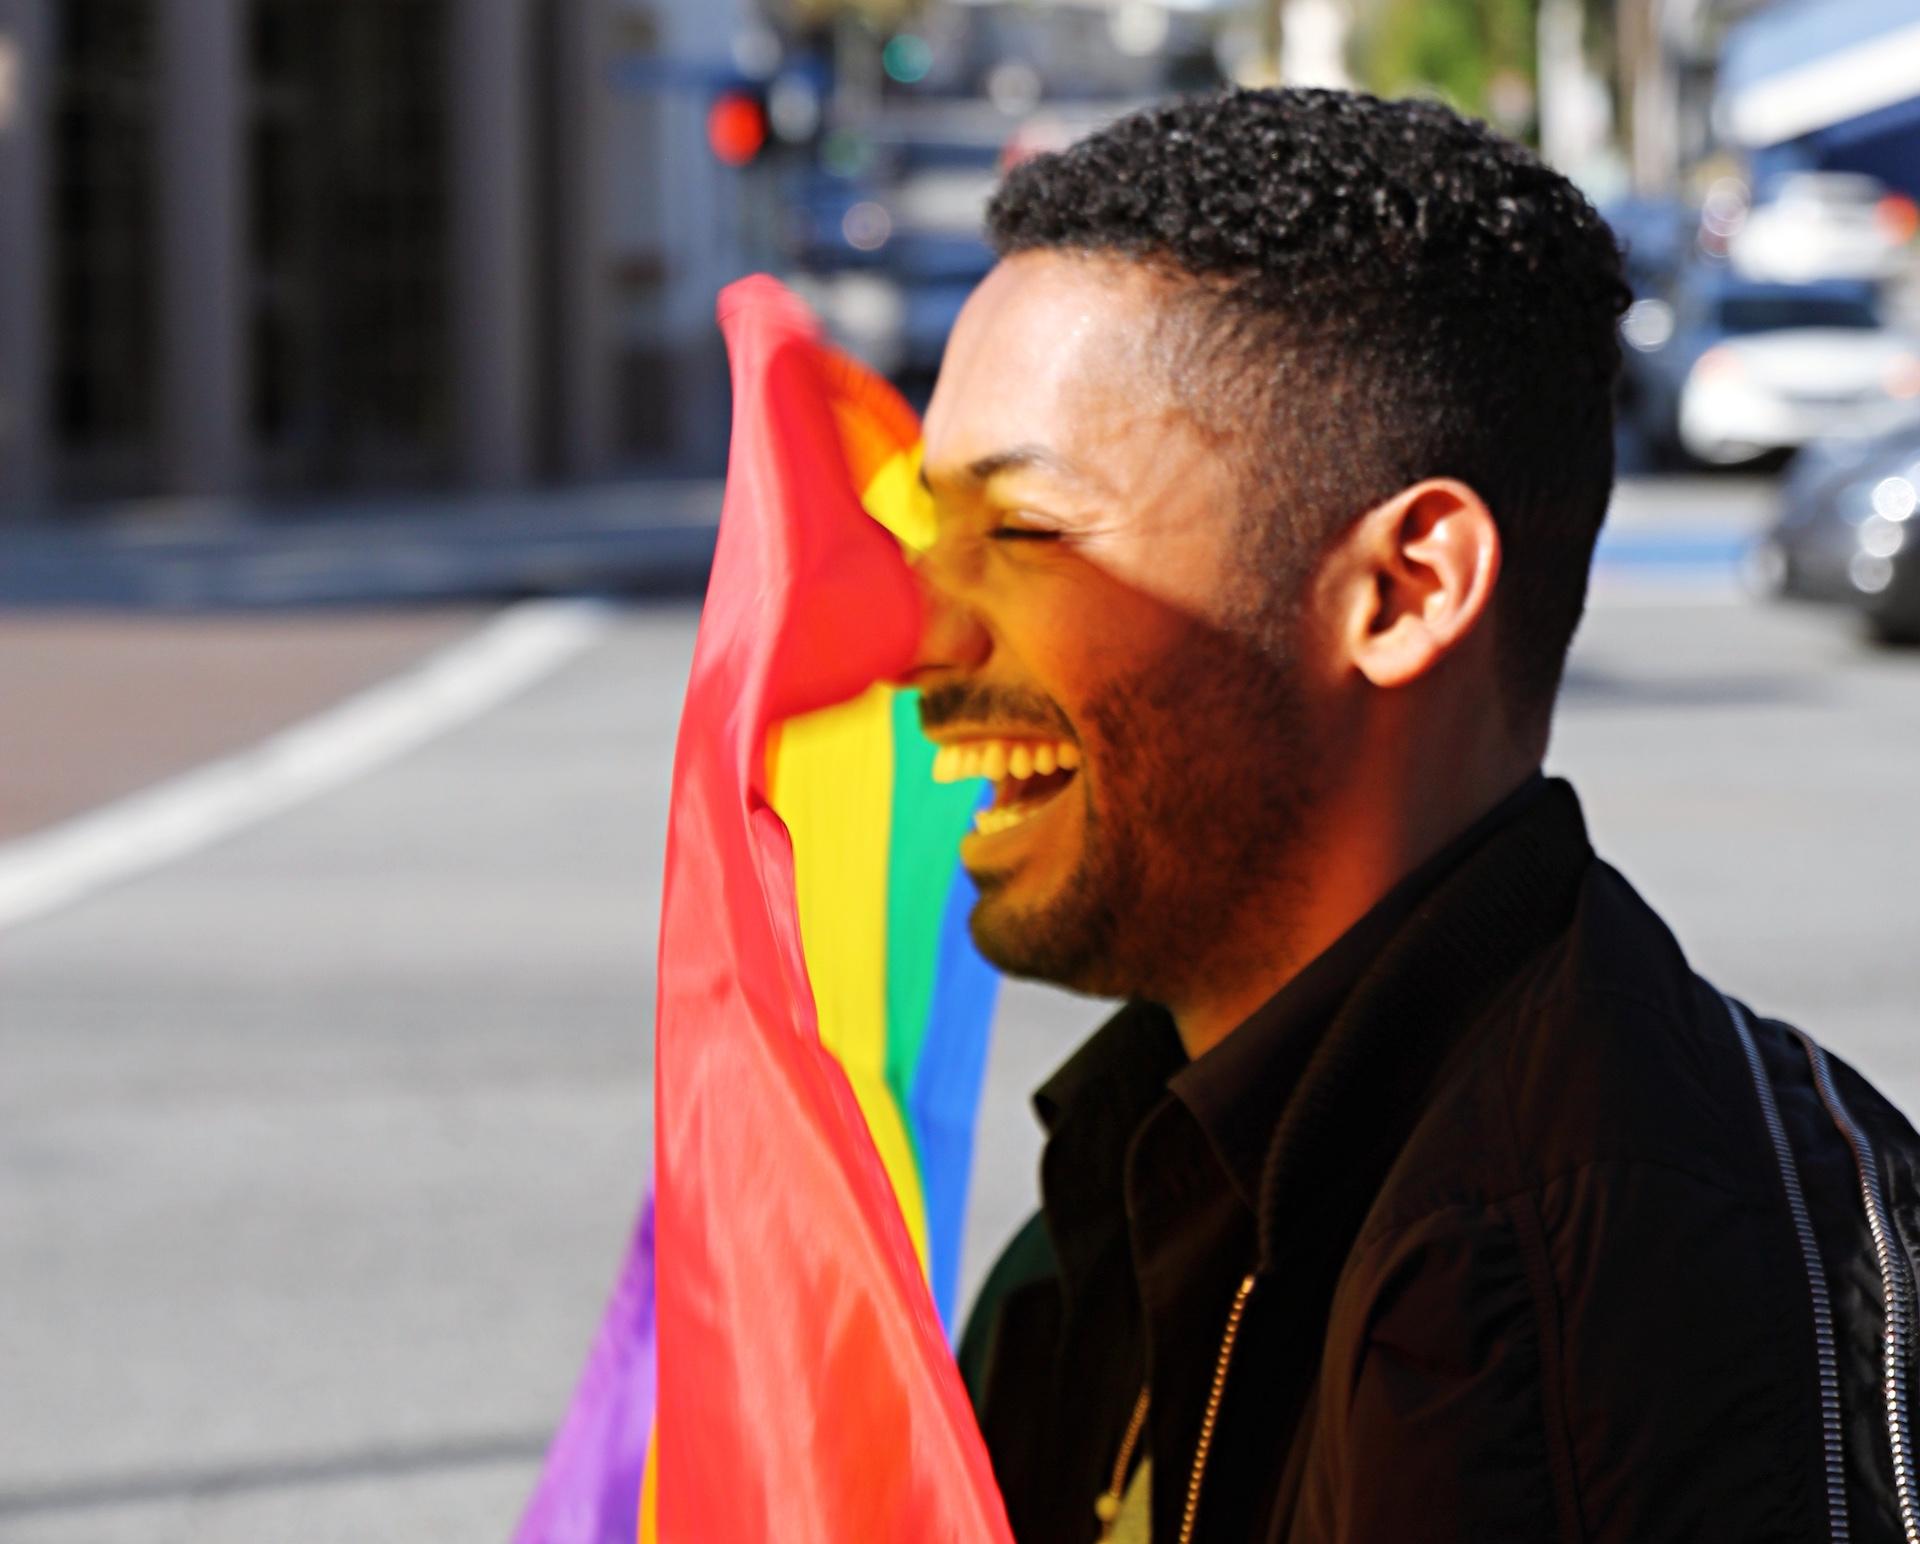 Yemi během focení, které se odehrálo na Hollywood bulváru v rámci kampaně na podporu LGBTQ komunity